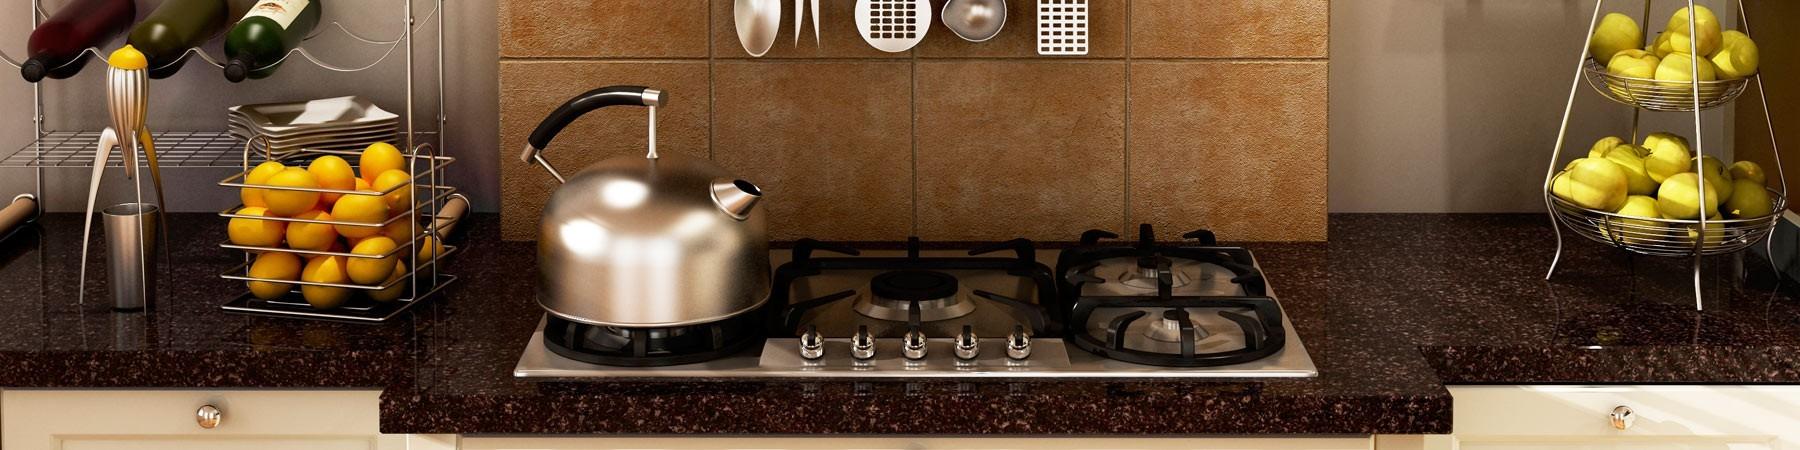 Đồ dùng,dụng cụ,thiết bị phòng bếp gia đình,nhà hàng chính hãng,giá rẻ